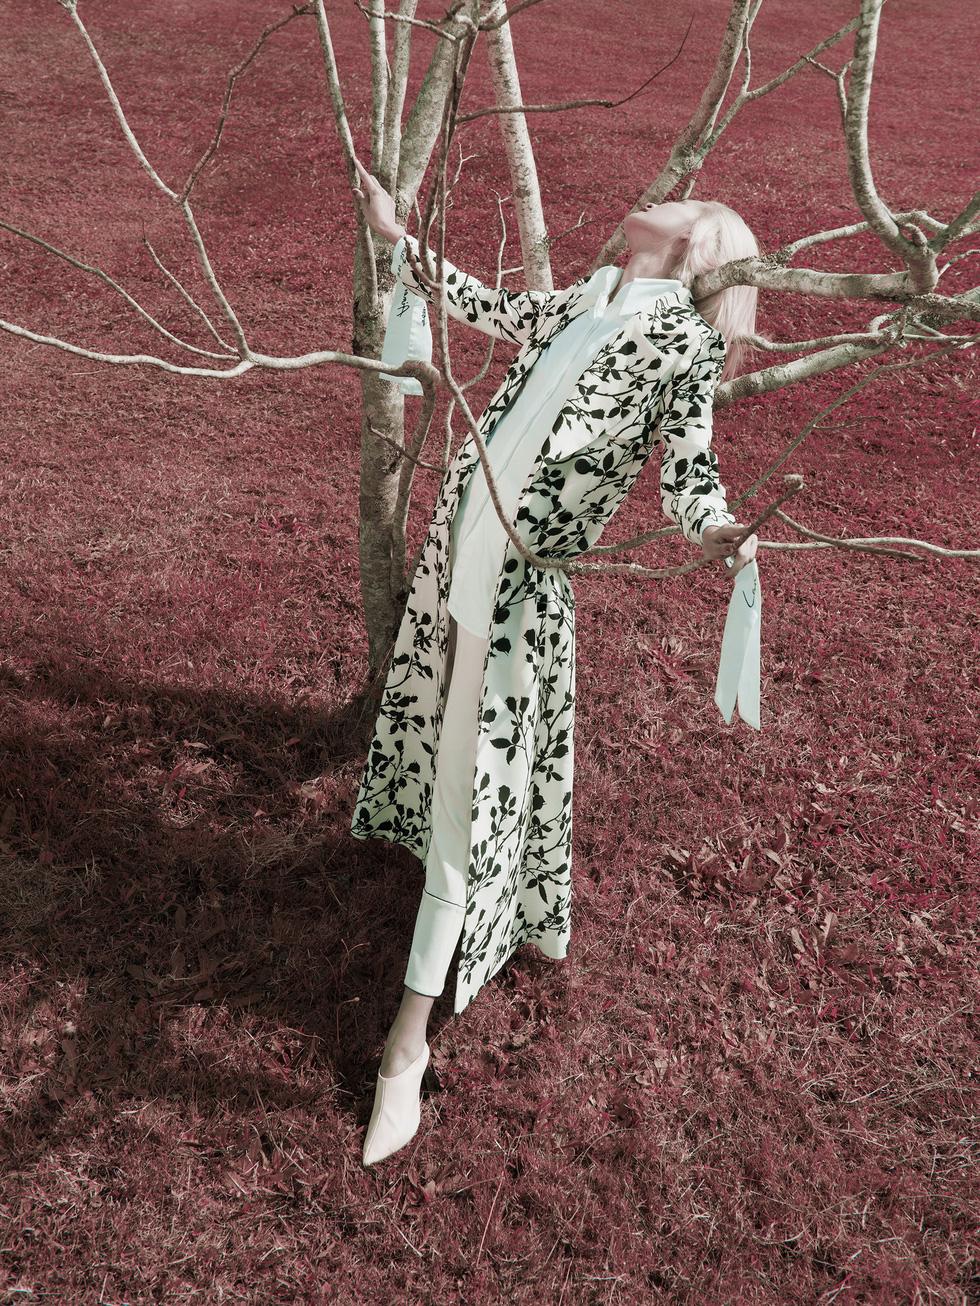 Ngắm Thứ sáu của chị qua phong cách chụp ảnh thời trang mới - Ảnh 12.